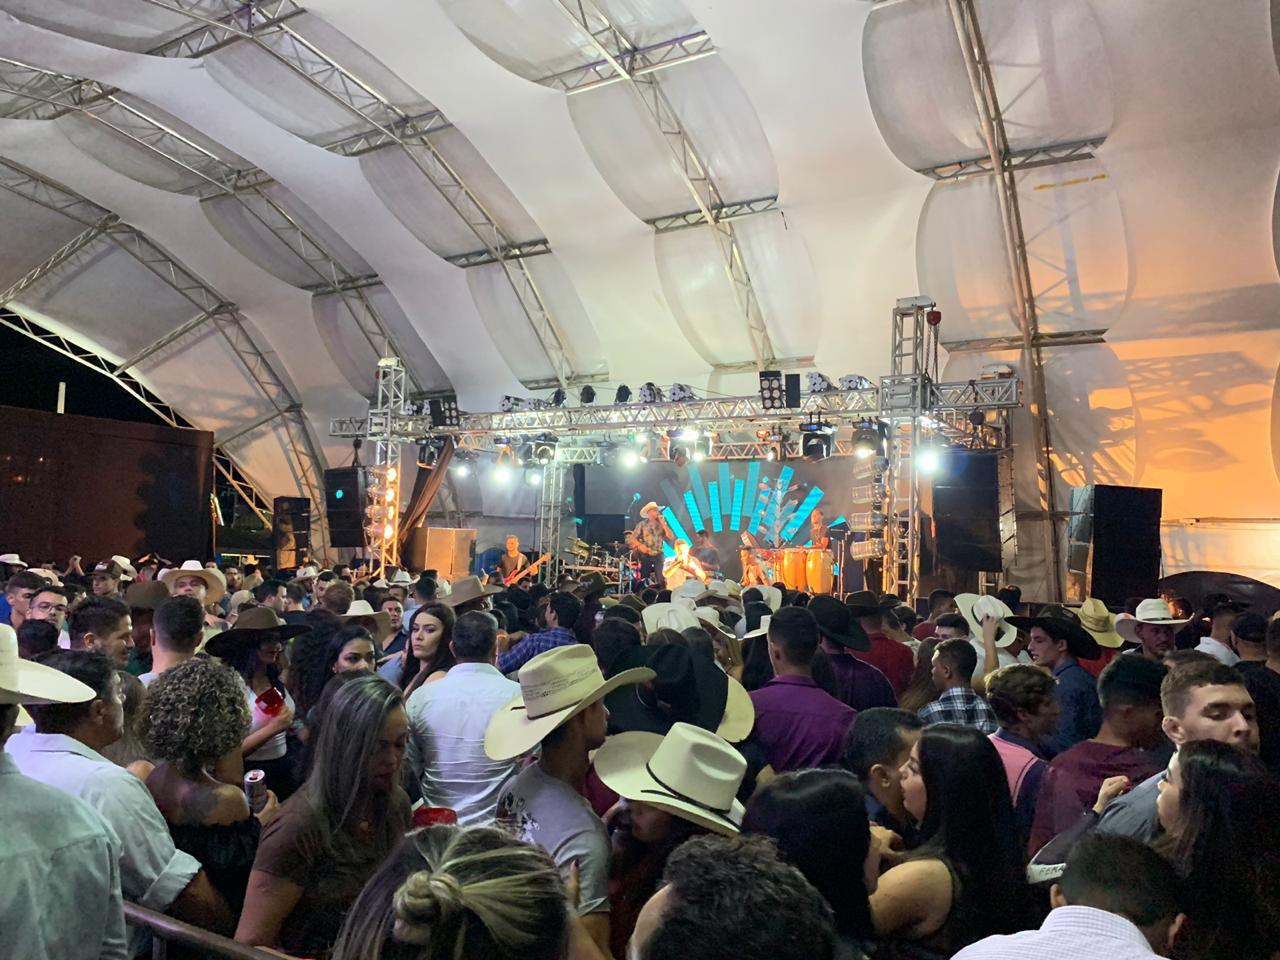 Com show exclusivo de Bruno & Barretto, camarote Sumiu Uai! é sucesso na ExpoBrasil 2019; Confira a programação para esta sexta, 14